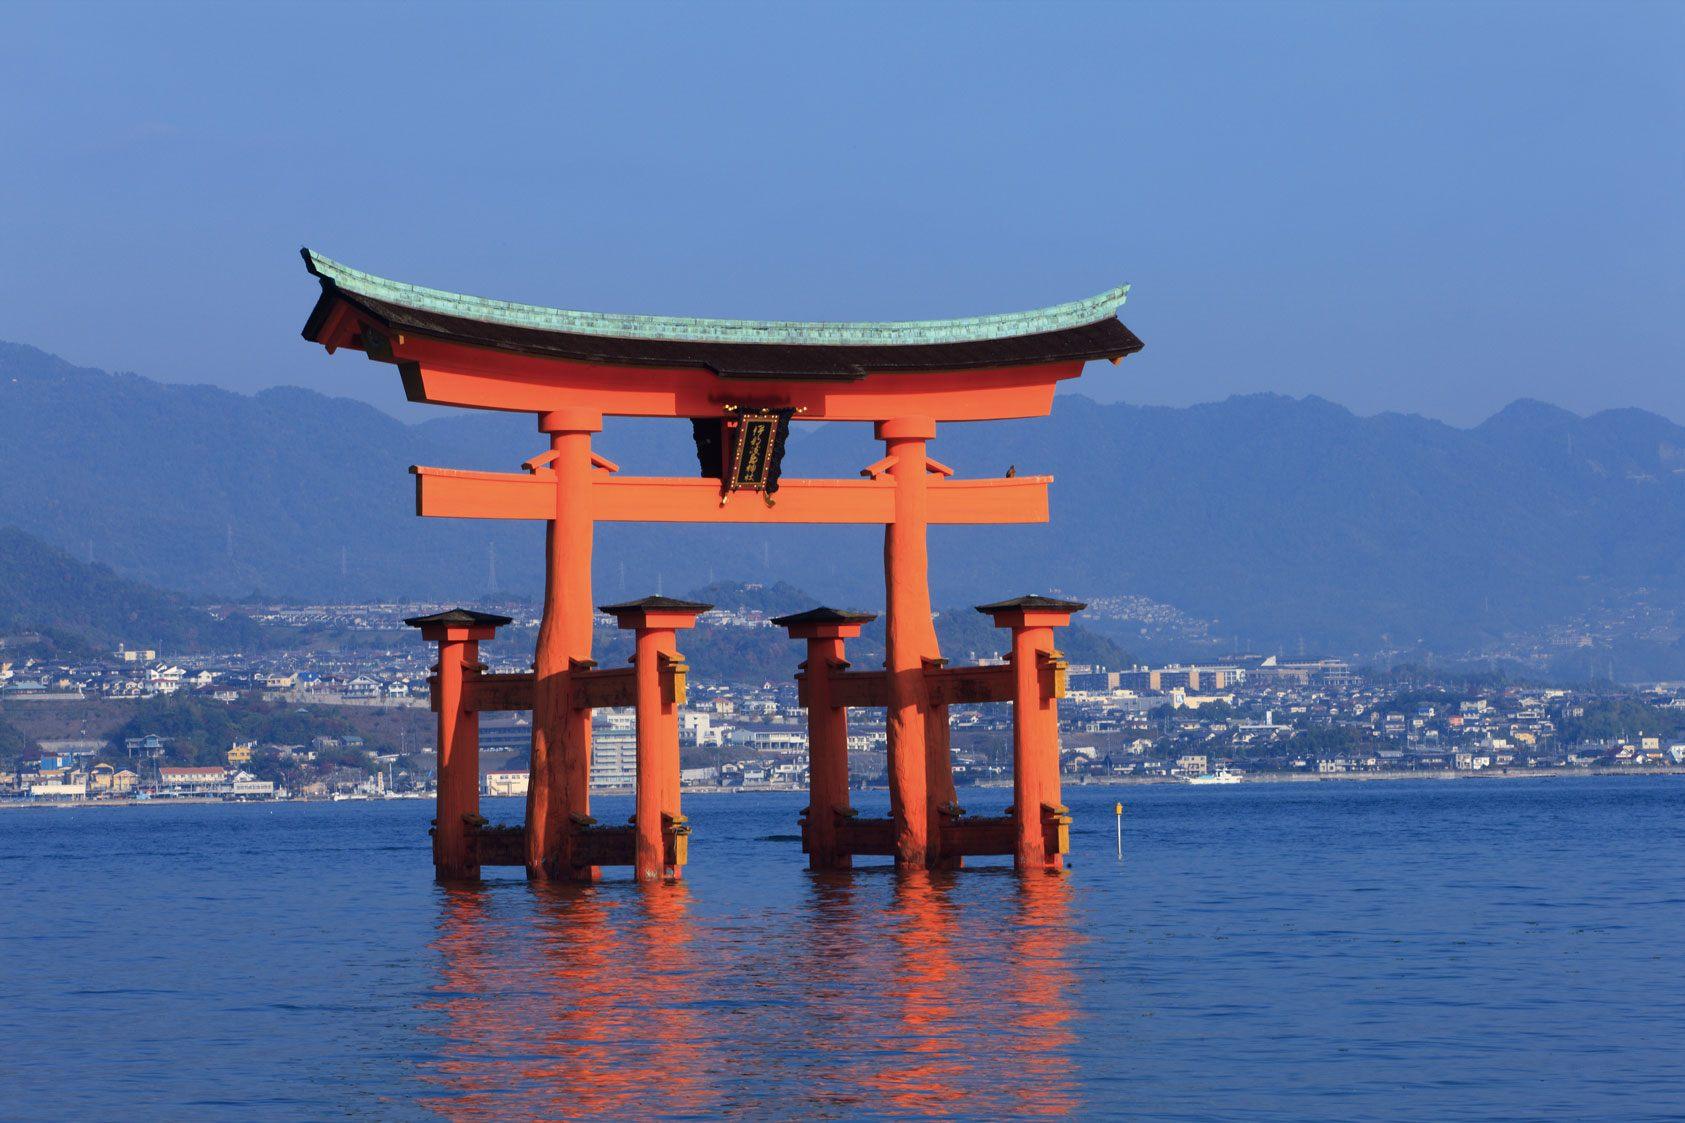 嚴島神社的鳥居好像是浮在海面上一般